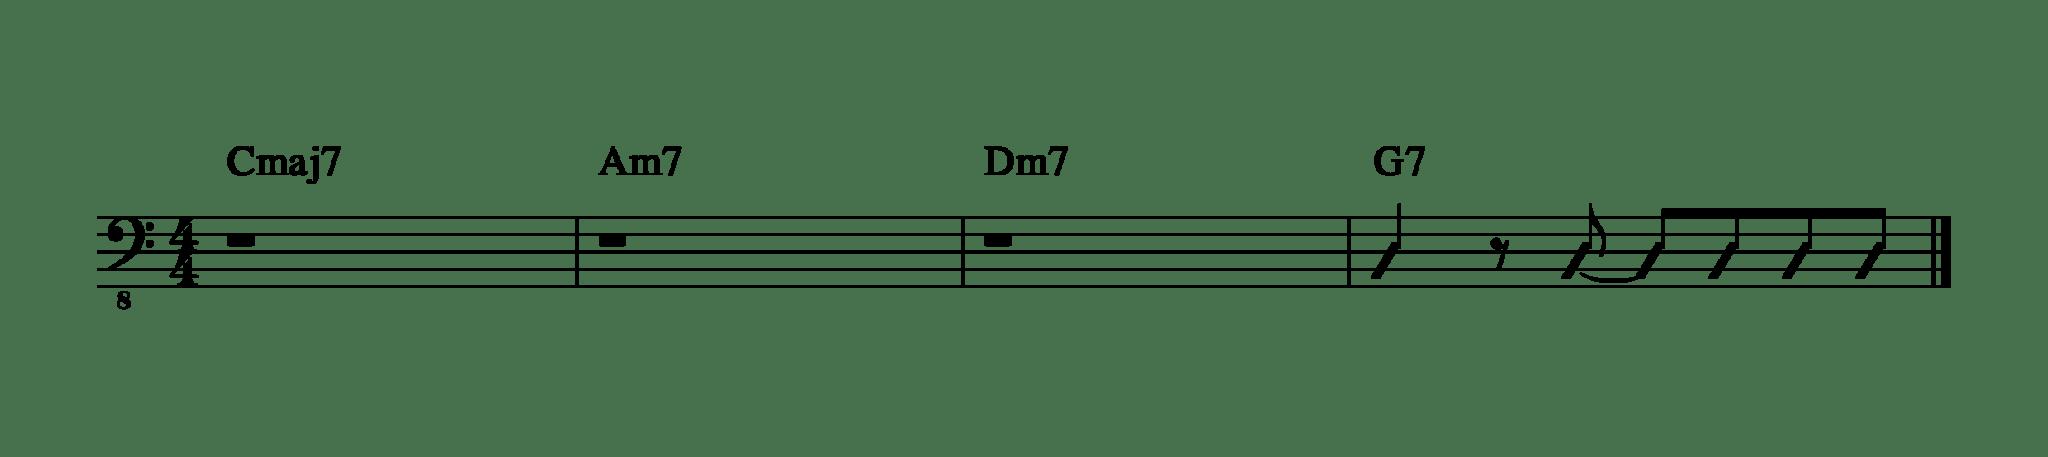 リズム譜1-1